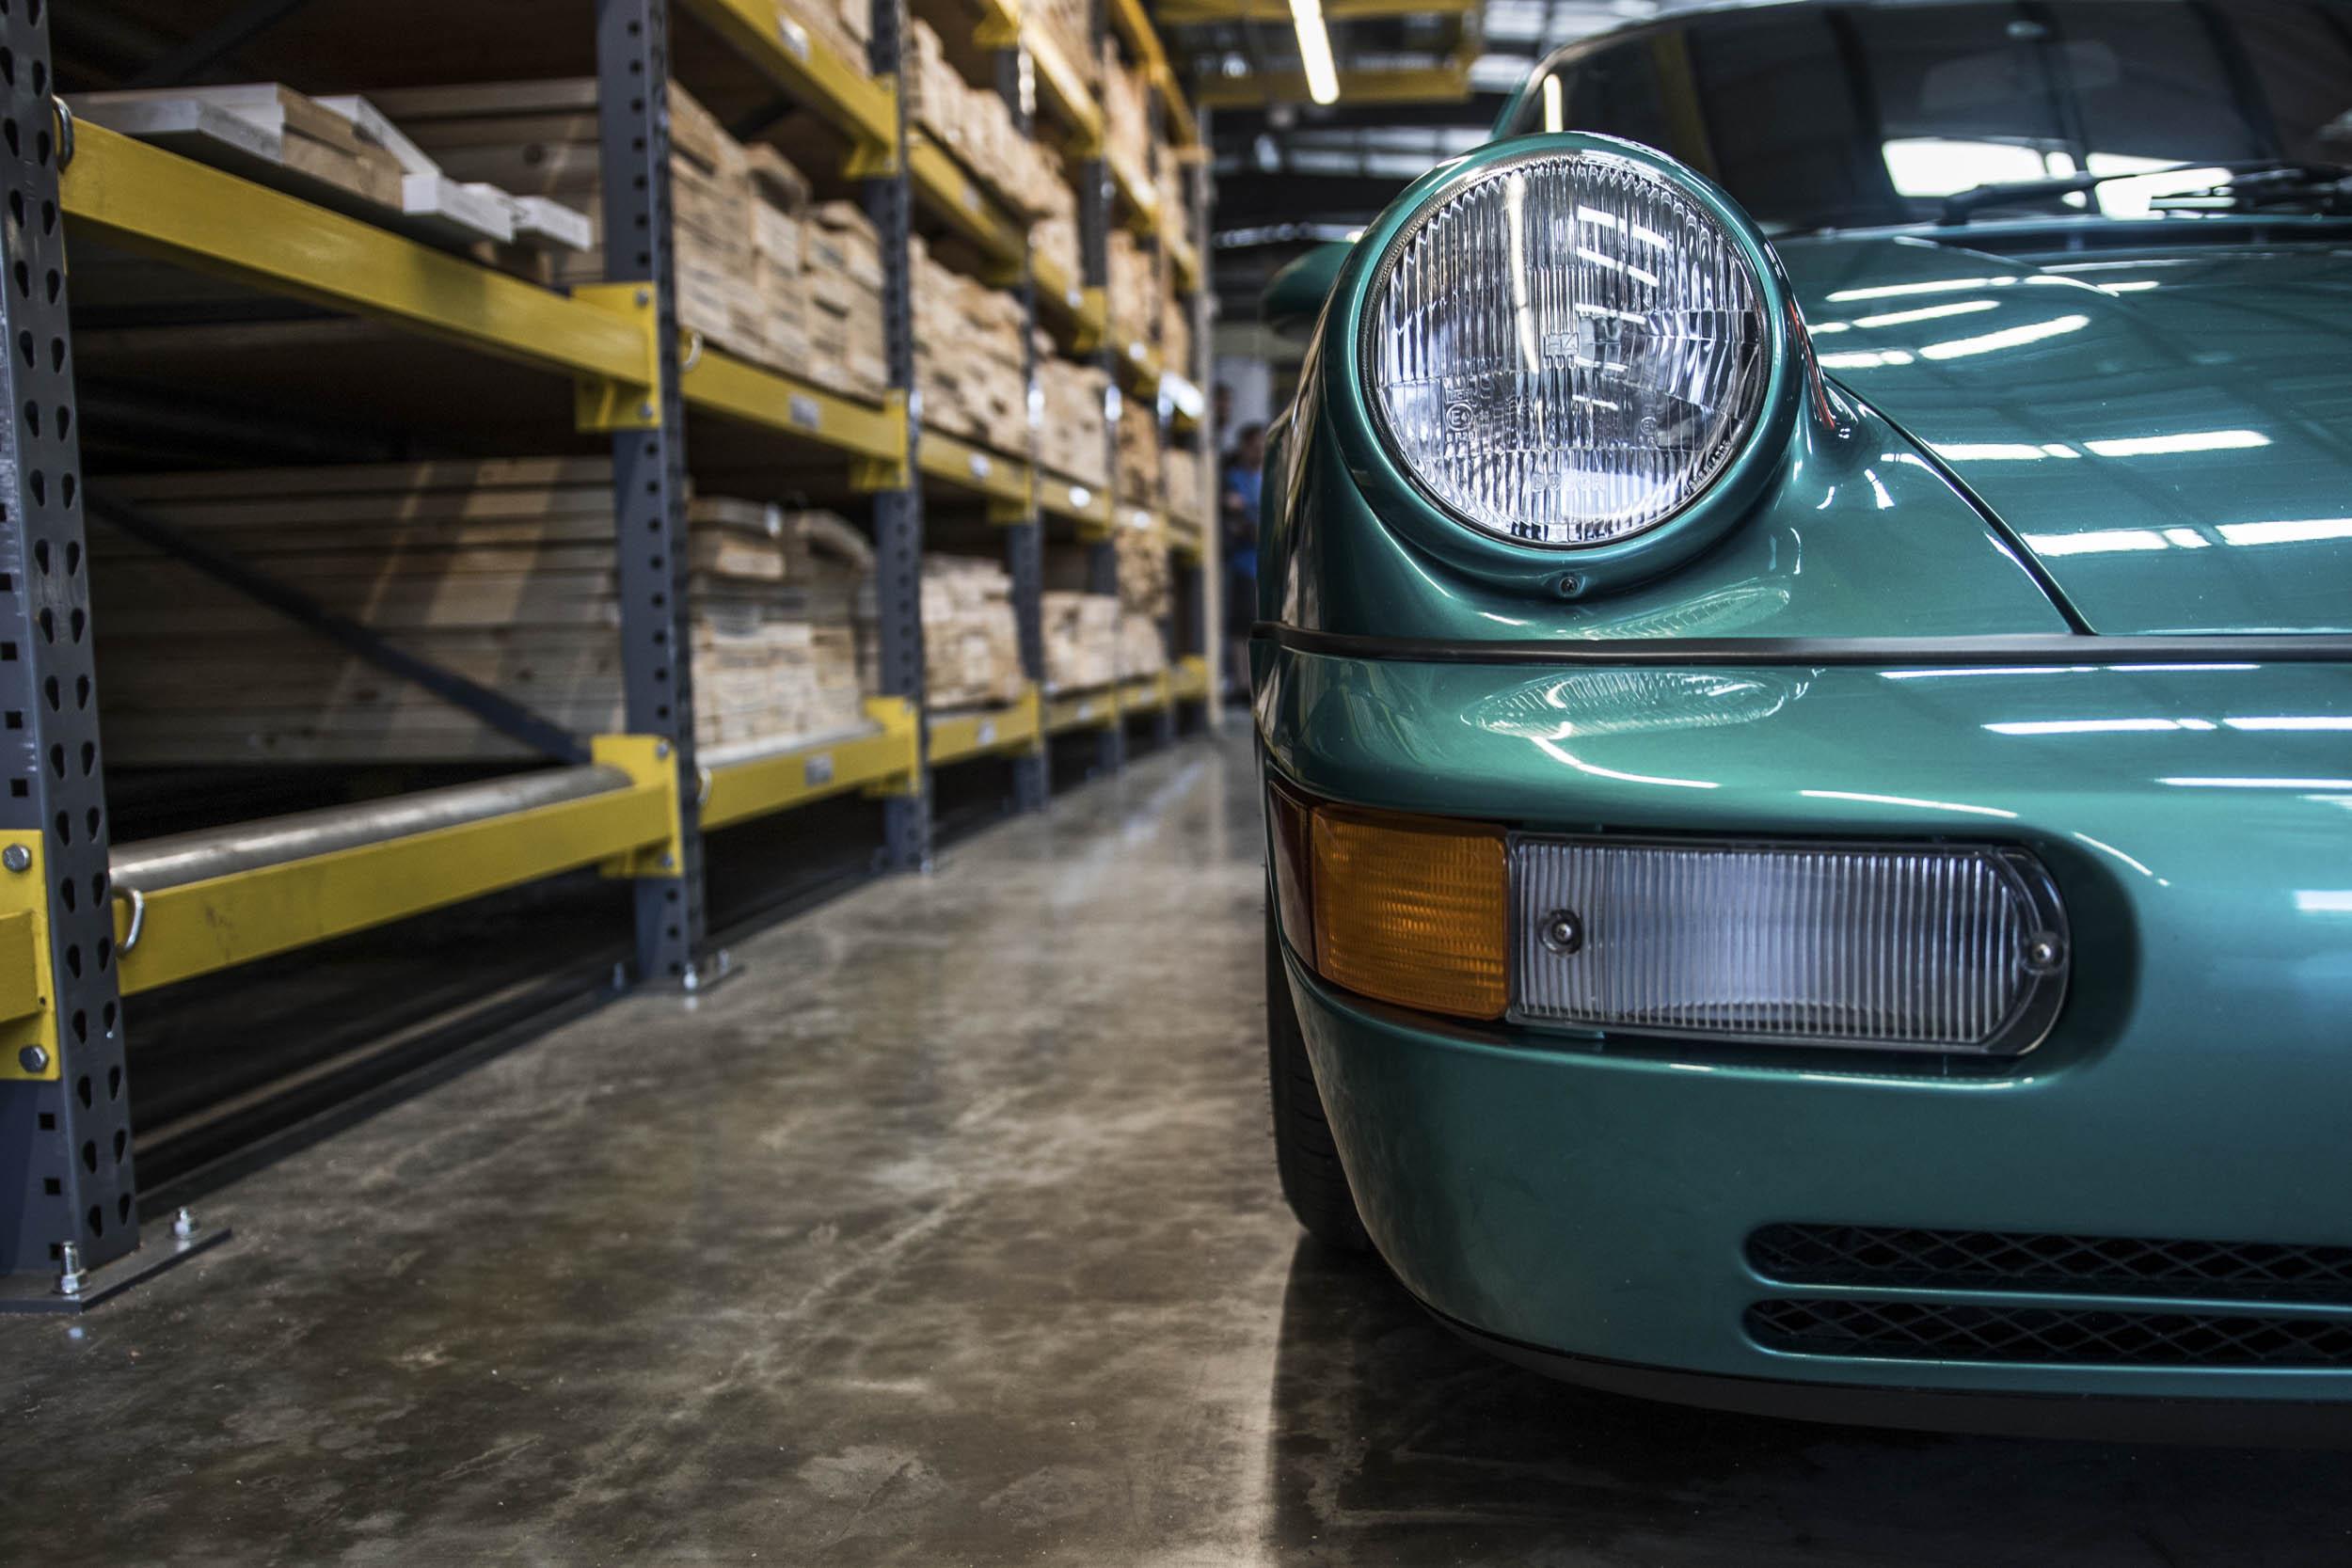 Porsche headlight detail